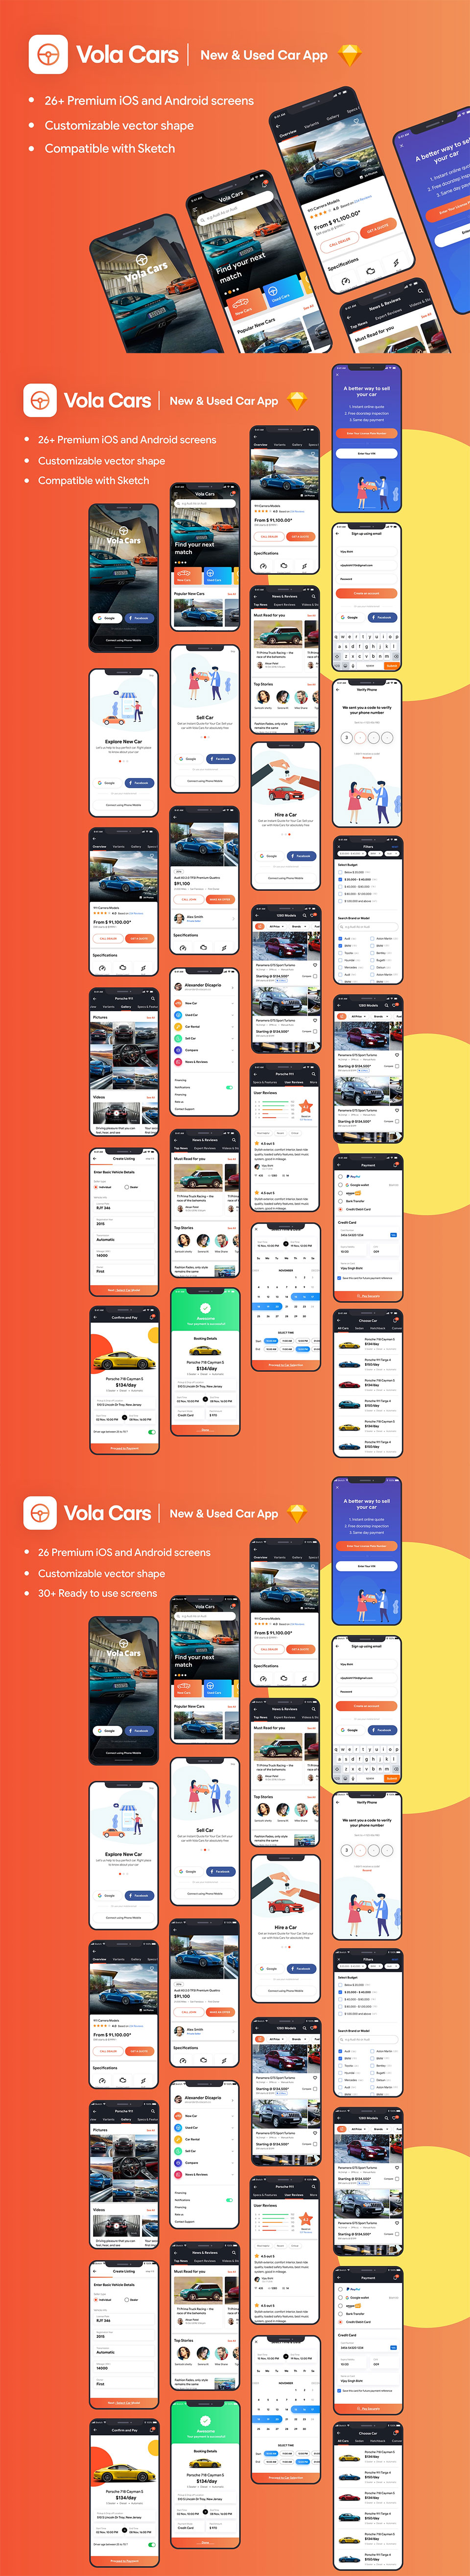 汽车租赁销售APP UI KIT套装模板下载 [Sketch] Vola Cars Premium iOS App UI Kit Sketch